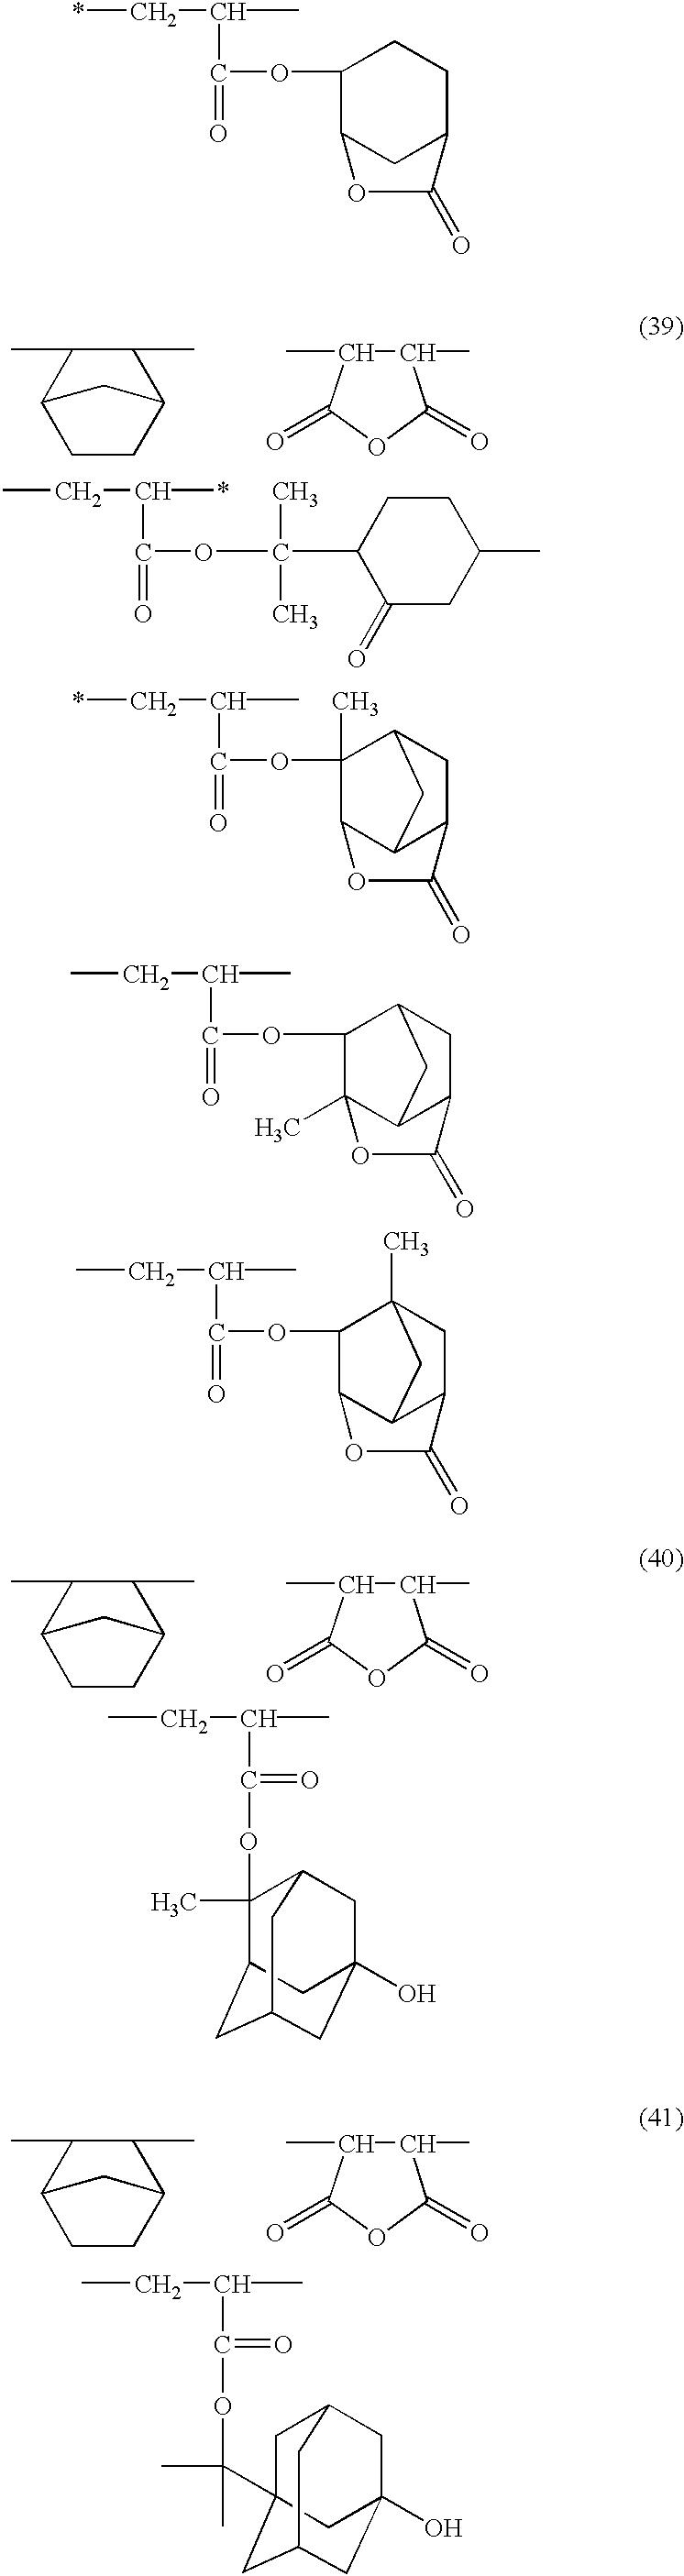 Figure US06492091-20021210-C00103